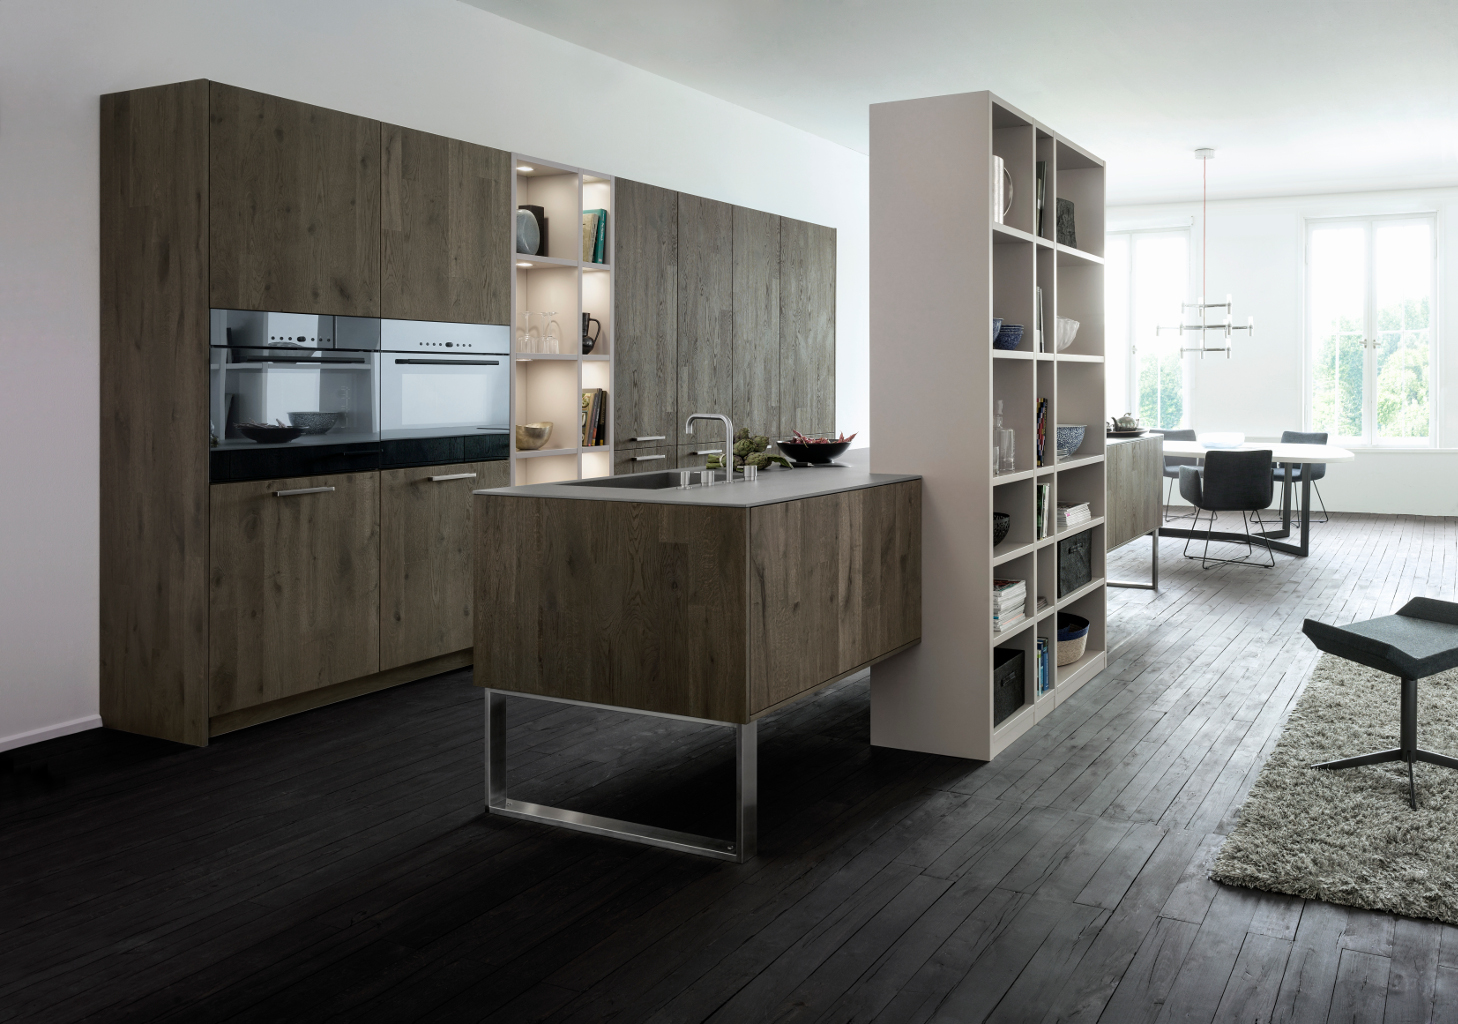 Küchen Leicht leicht küchen braig küchen schreinerei bei ulm